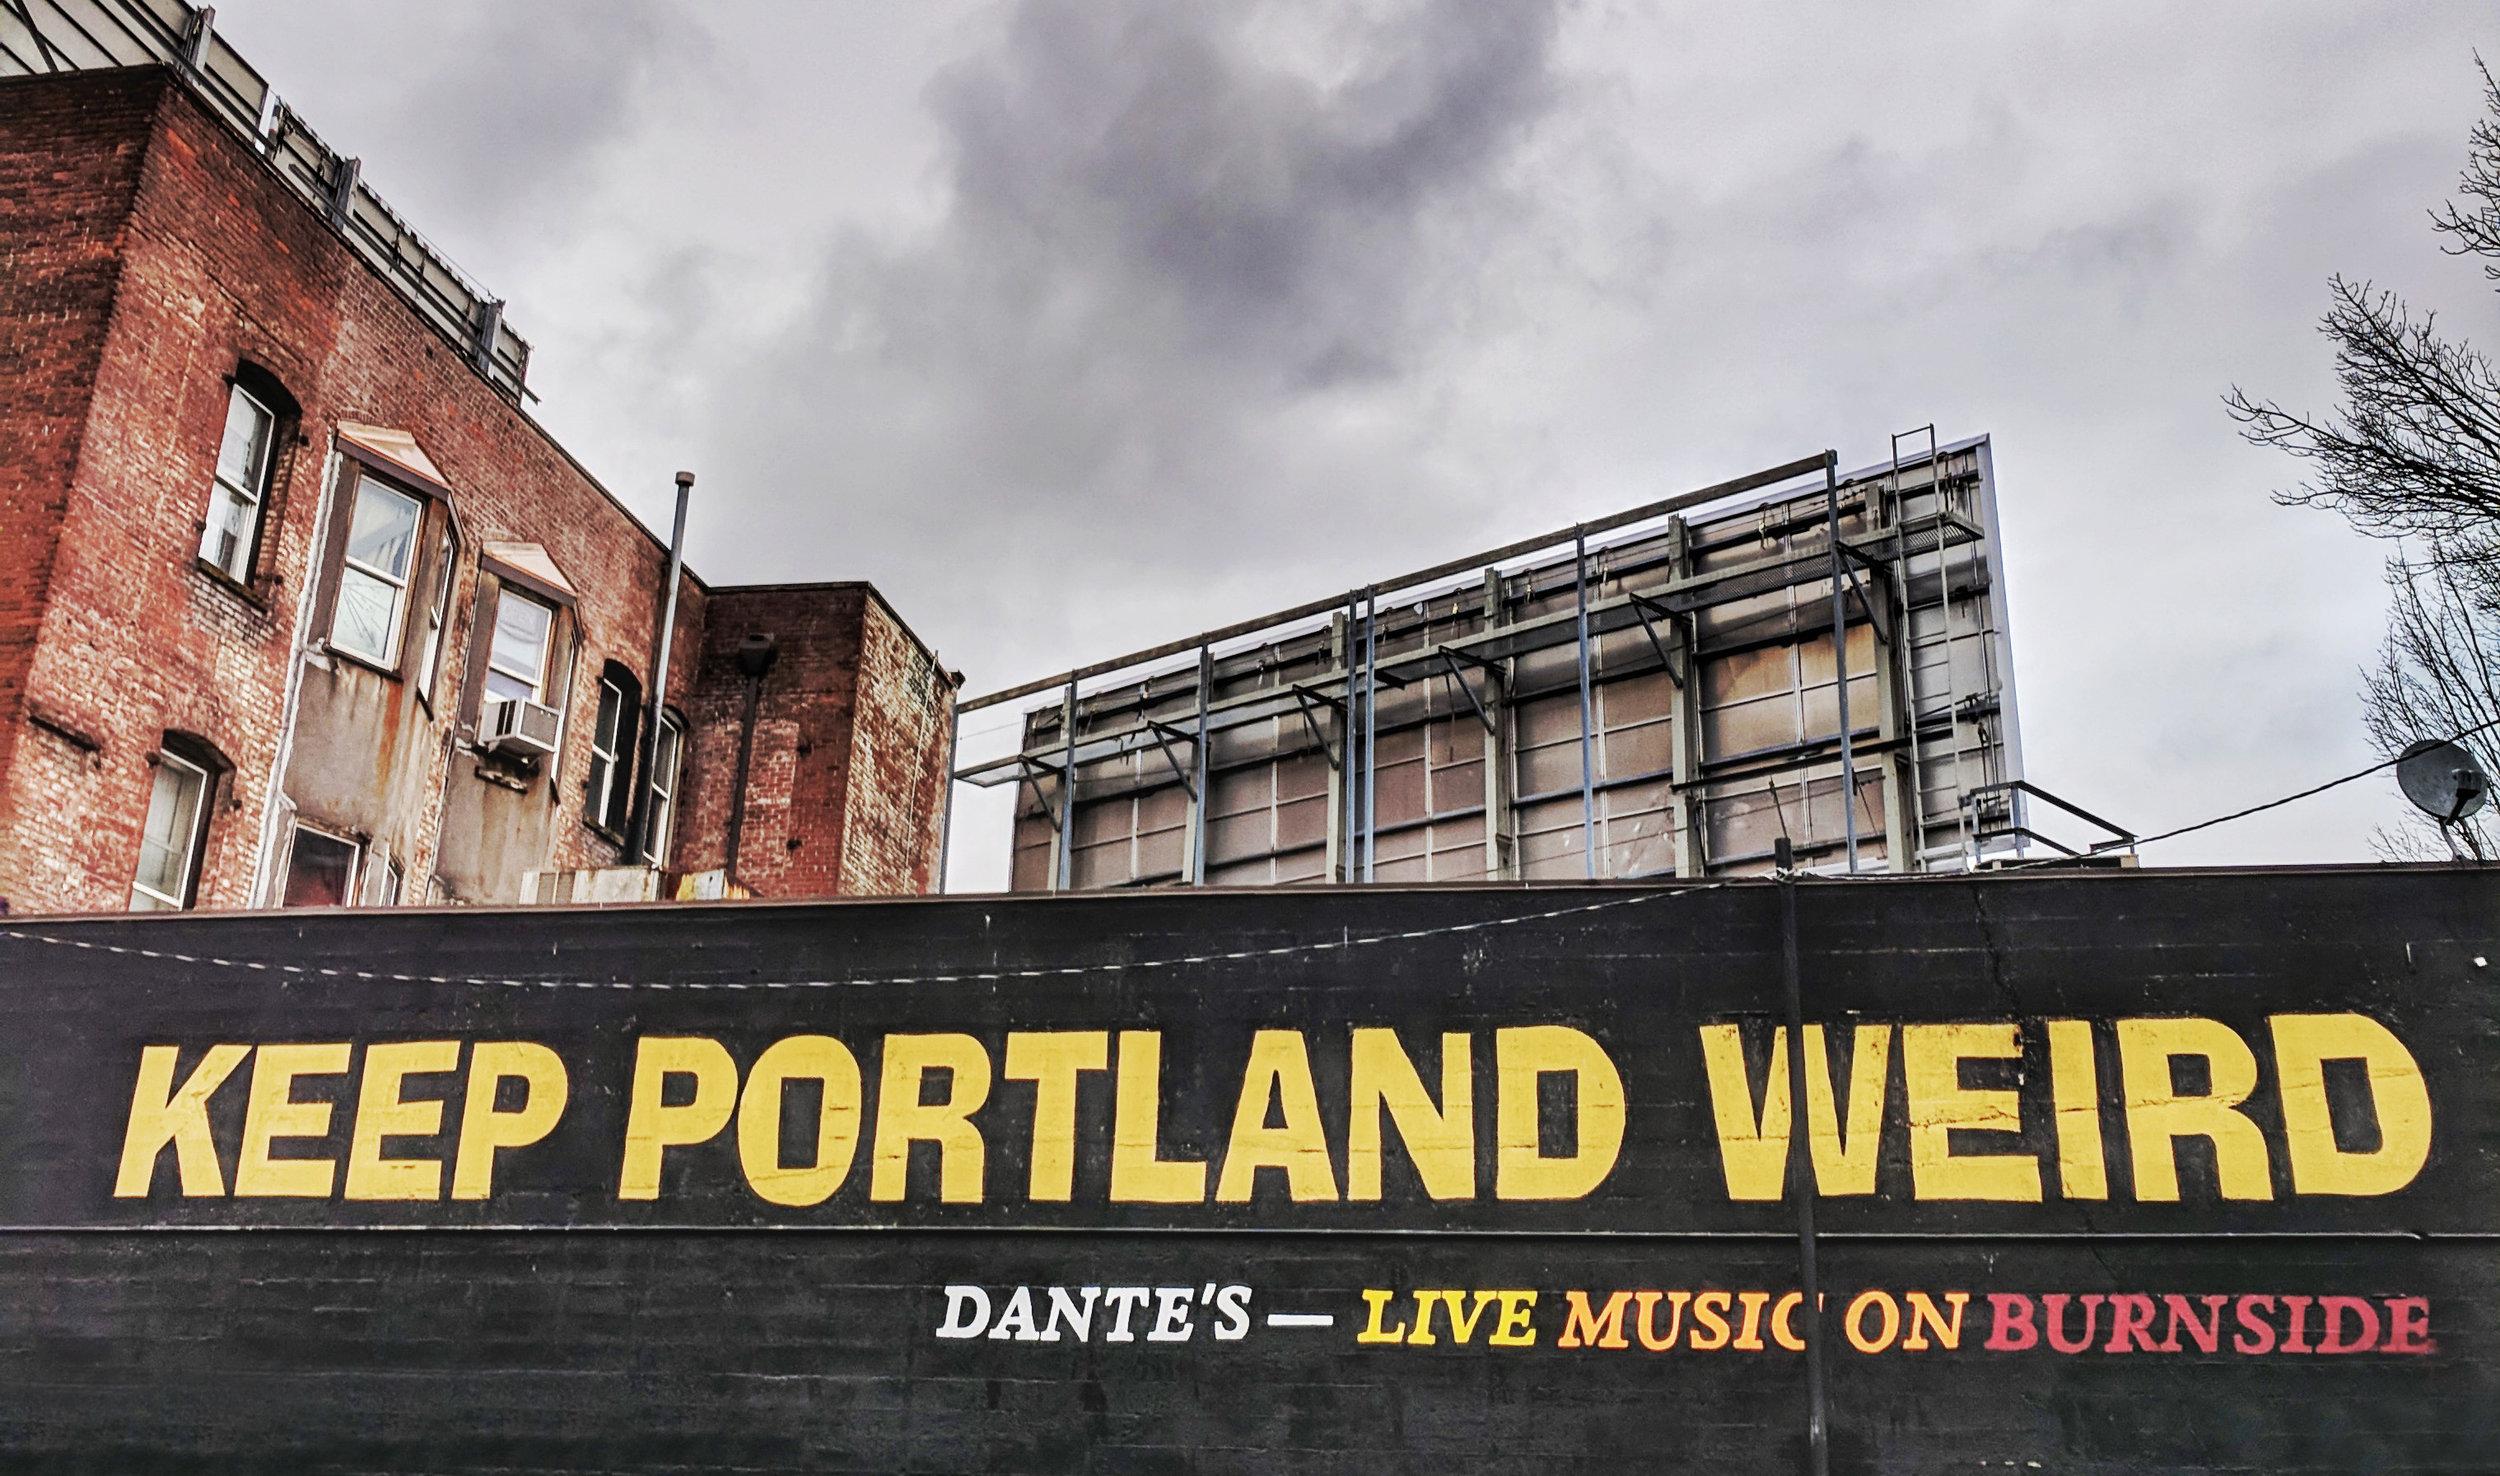 keep-portland-weird-sign.jpg